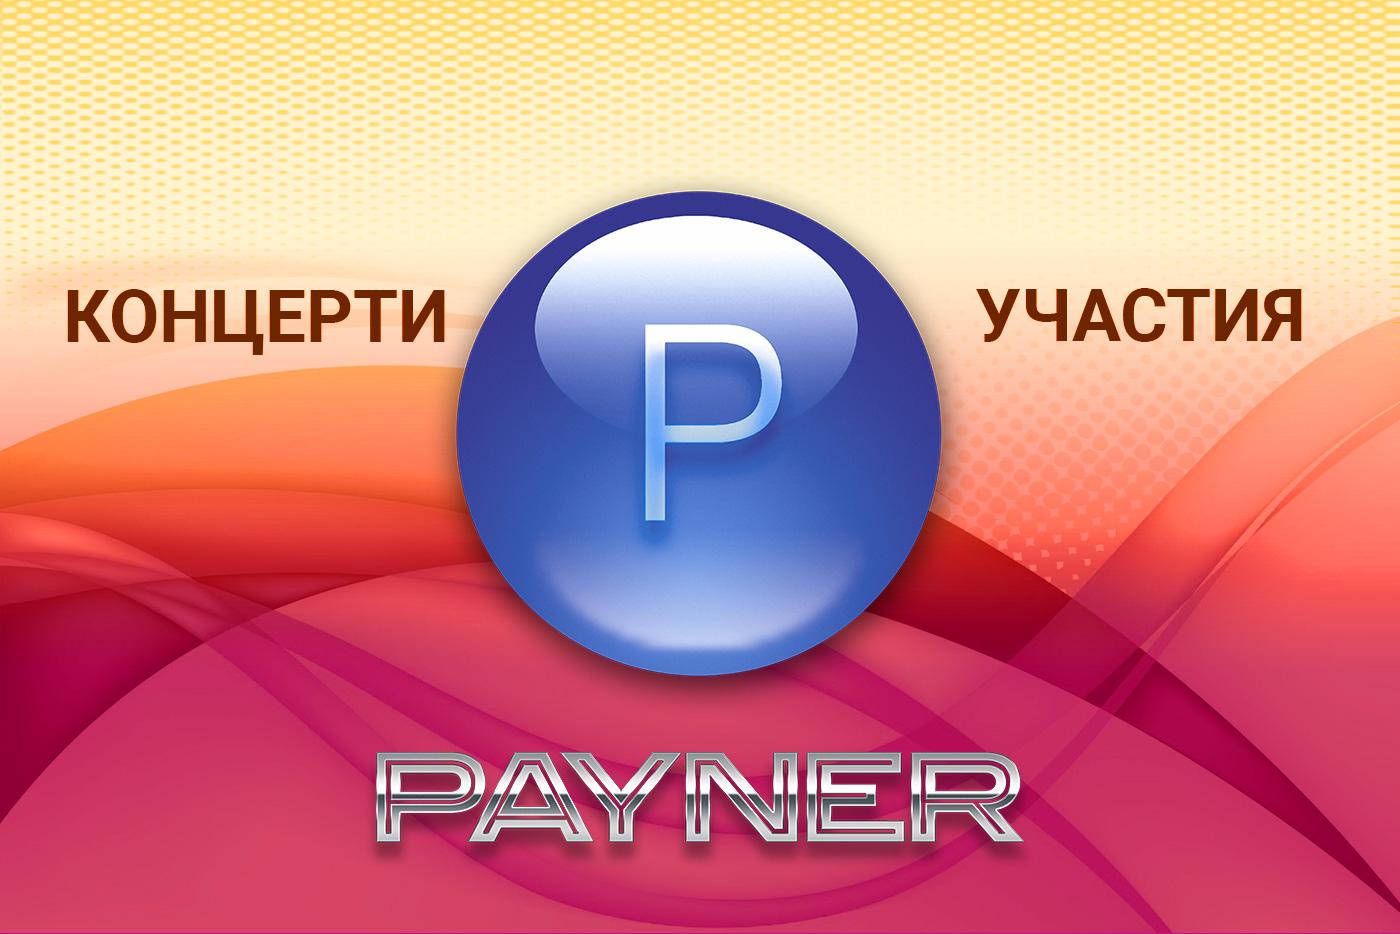 """Участия на звездите на """"Пайнер"""" на 03.11.2018"""